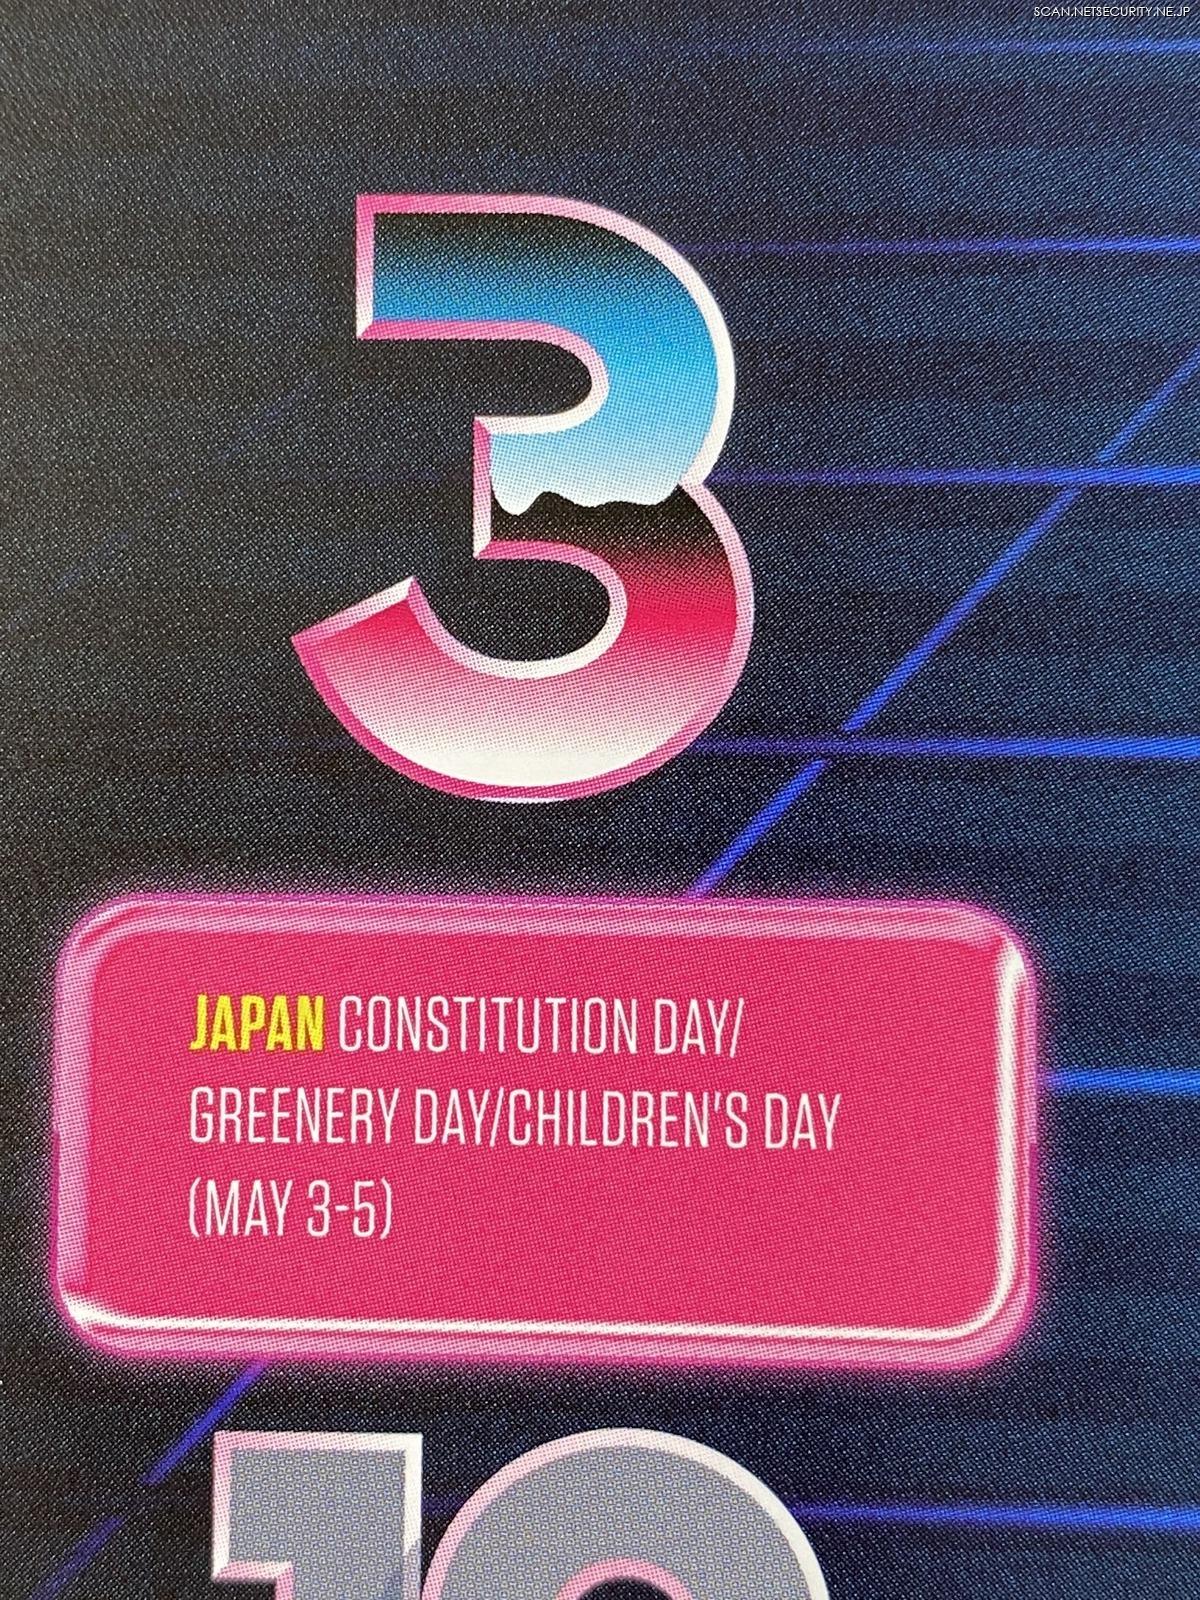 日本の憲法記念日も記載(2021 CrowdStrike カレンダー)